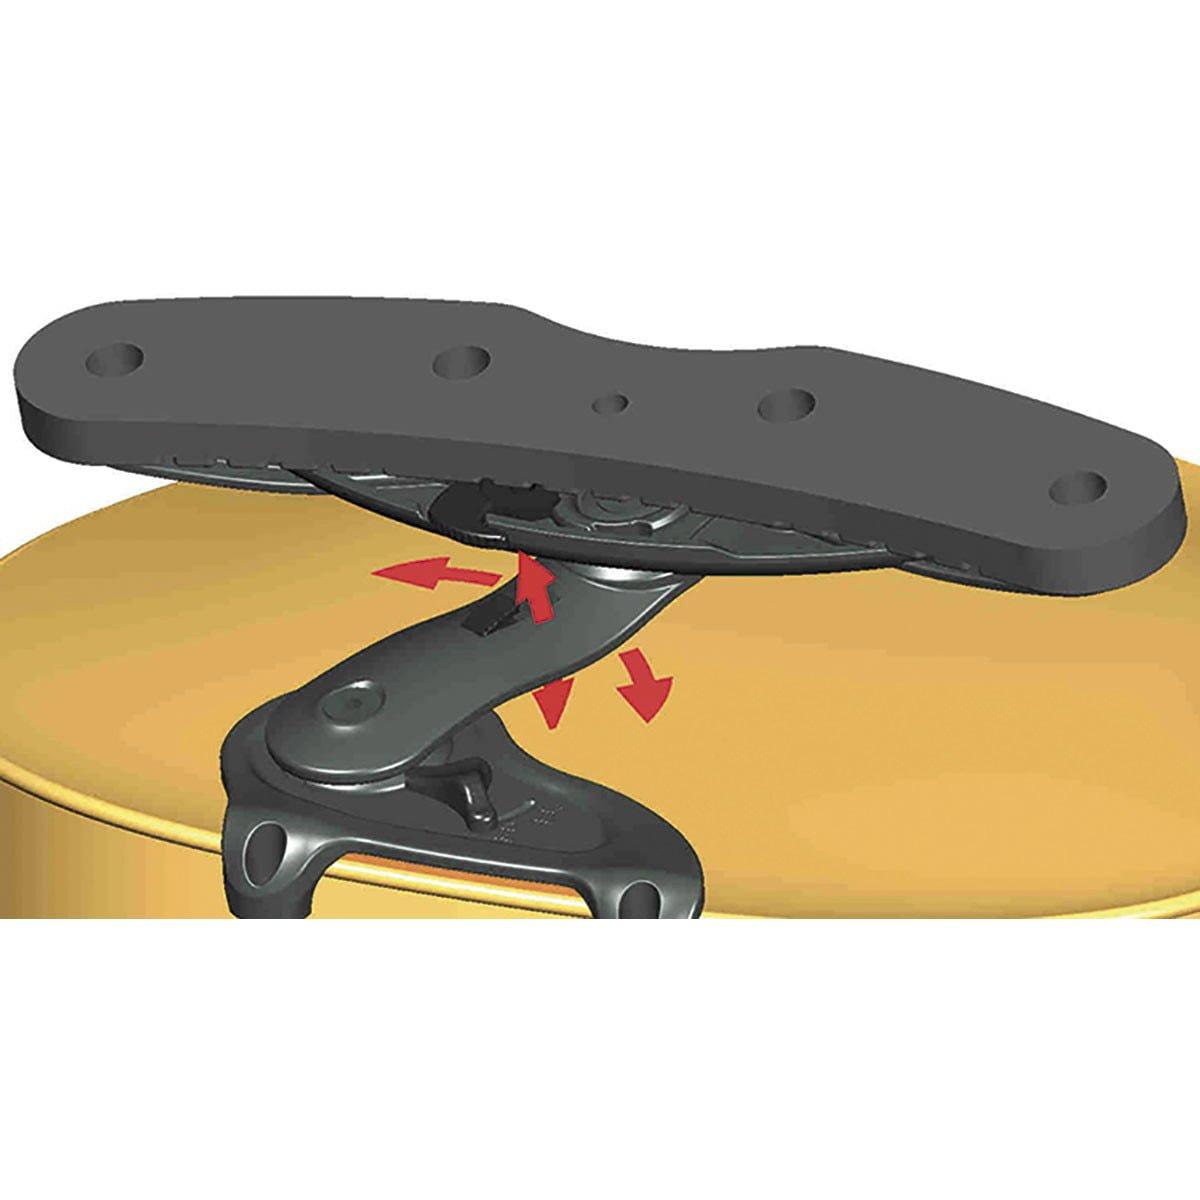 Wittner Violin Shoulder Rest Isny for Wittner Clamps 1/2 - 1/4